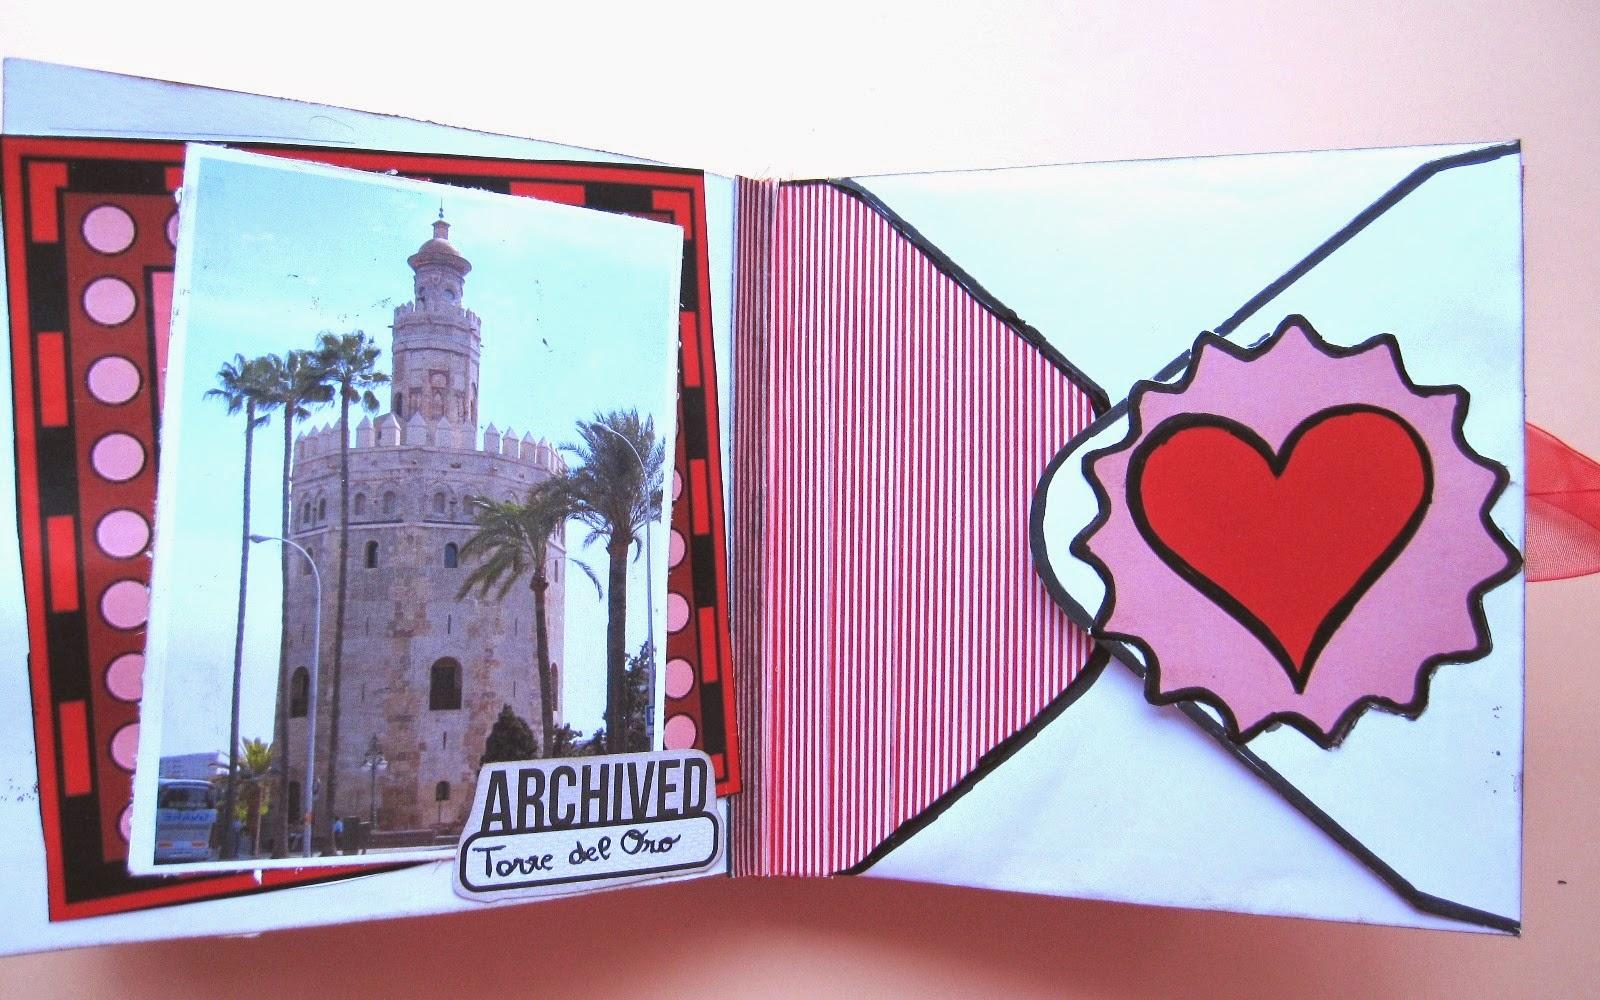 foto 2 decoración de scrapbookinkg del LOVE mini-álbum a la izquierda Torre del Oro de Sevilla y a la derecha solapa de sobre decorada con corazón y washi tape rojo y blanco